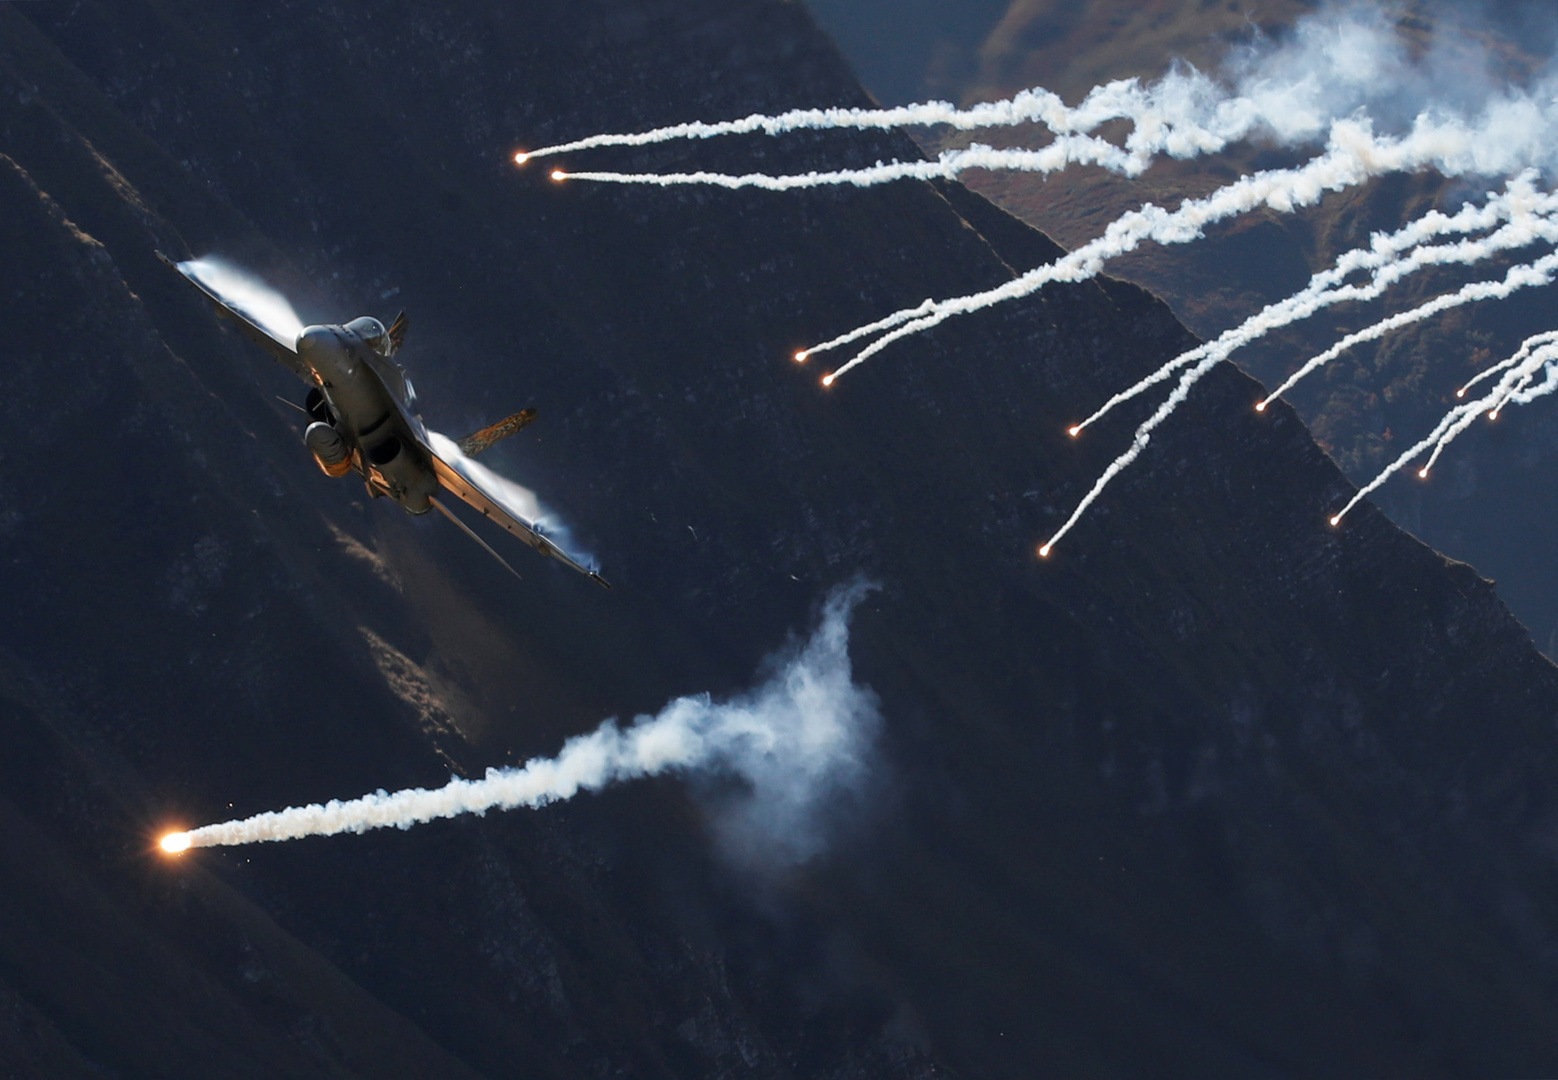 البنتاغون: نعمل على تطوير صواريخ فرط صوتية لمقاتلات